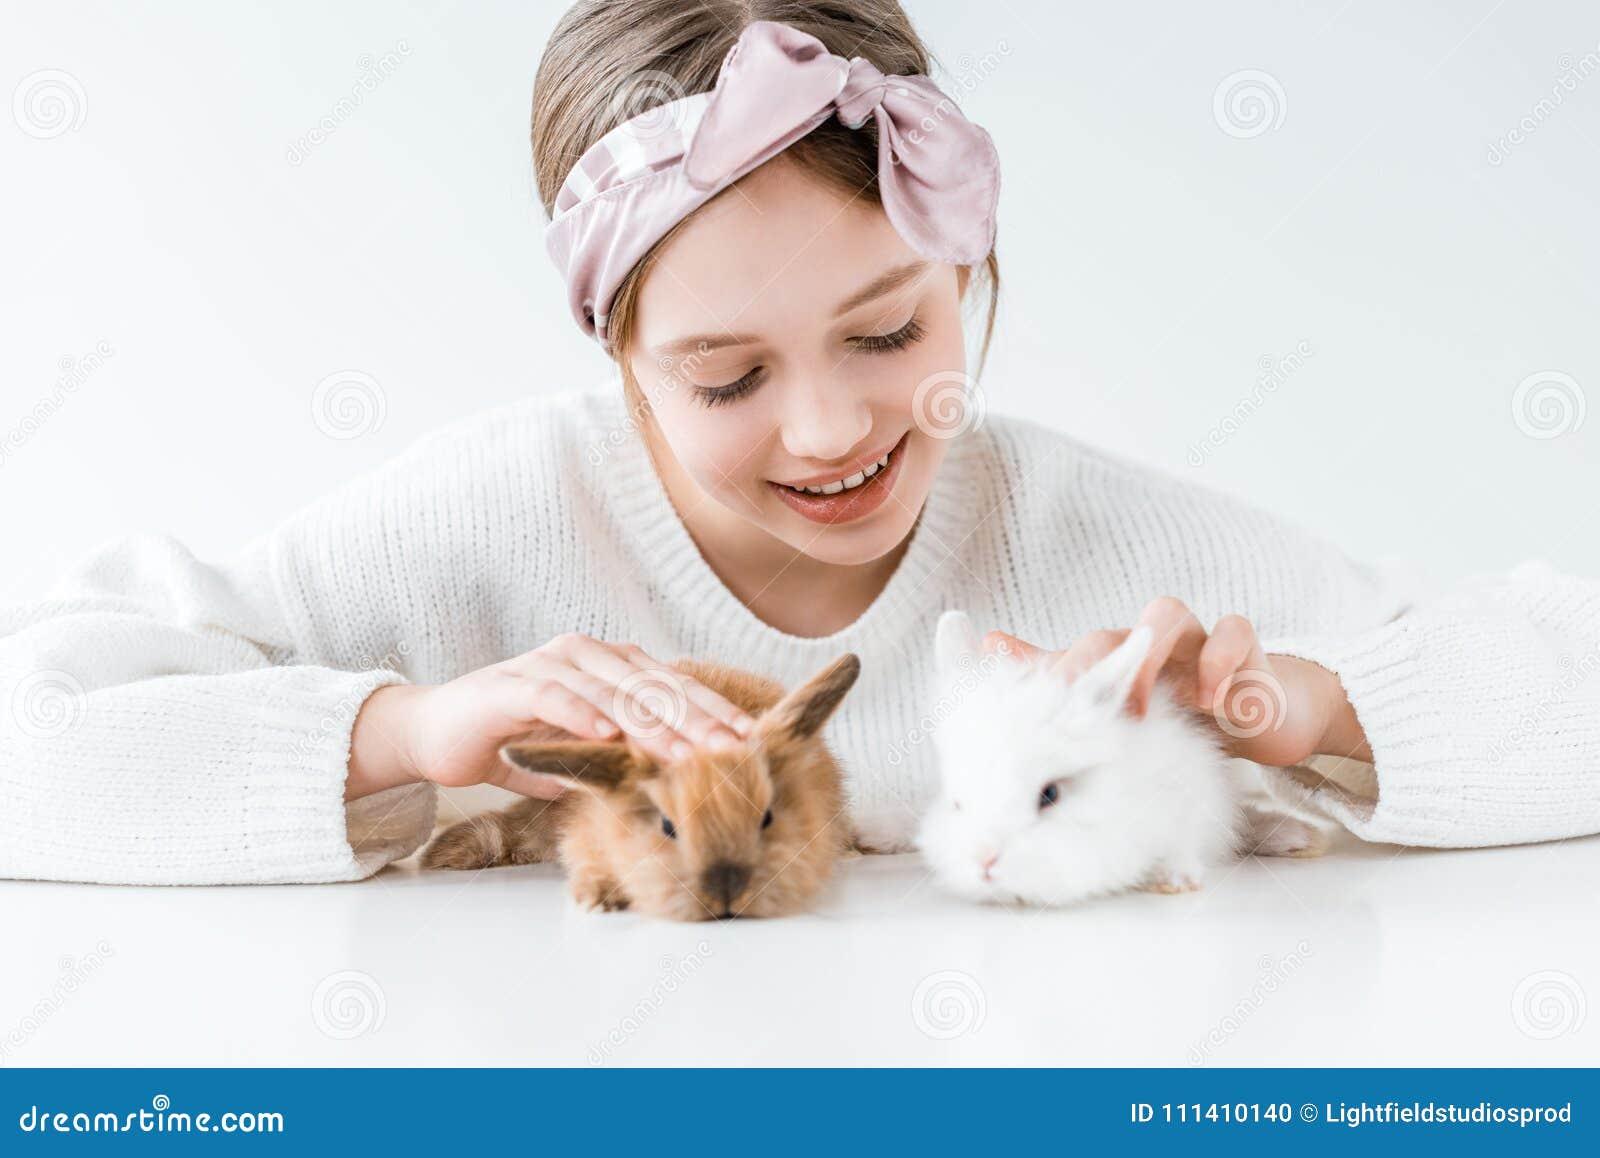 Piękna szczęśliwa dziewczyna bawić się z uroczymi owłosionymi królikami